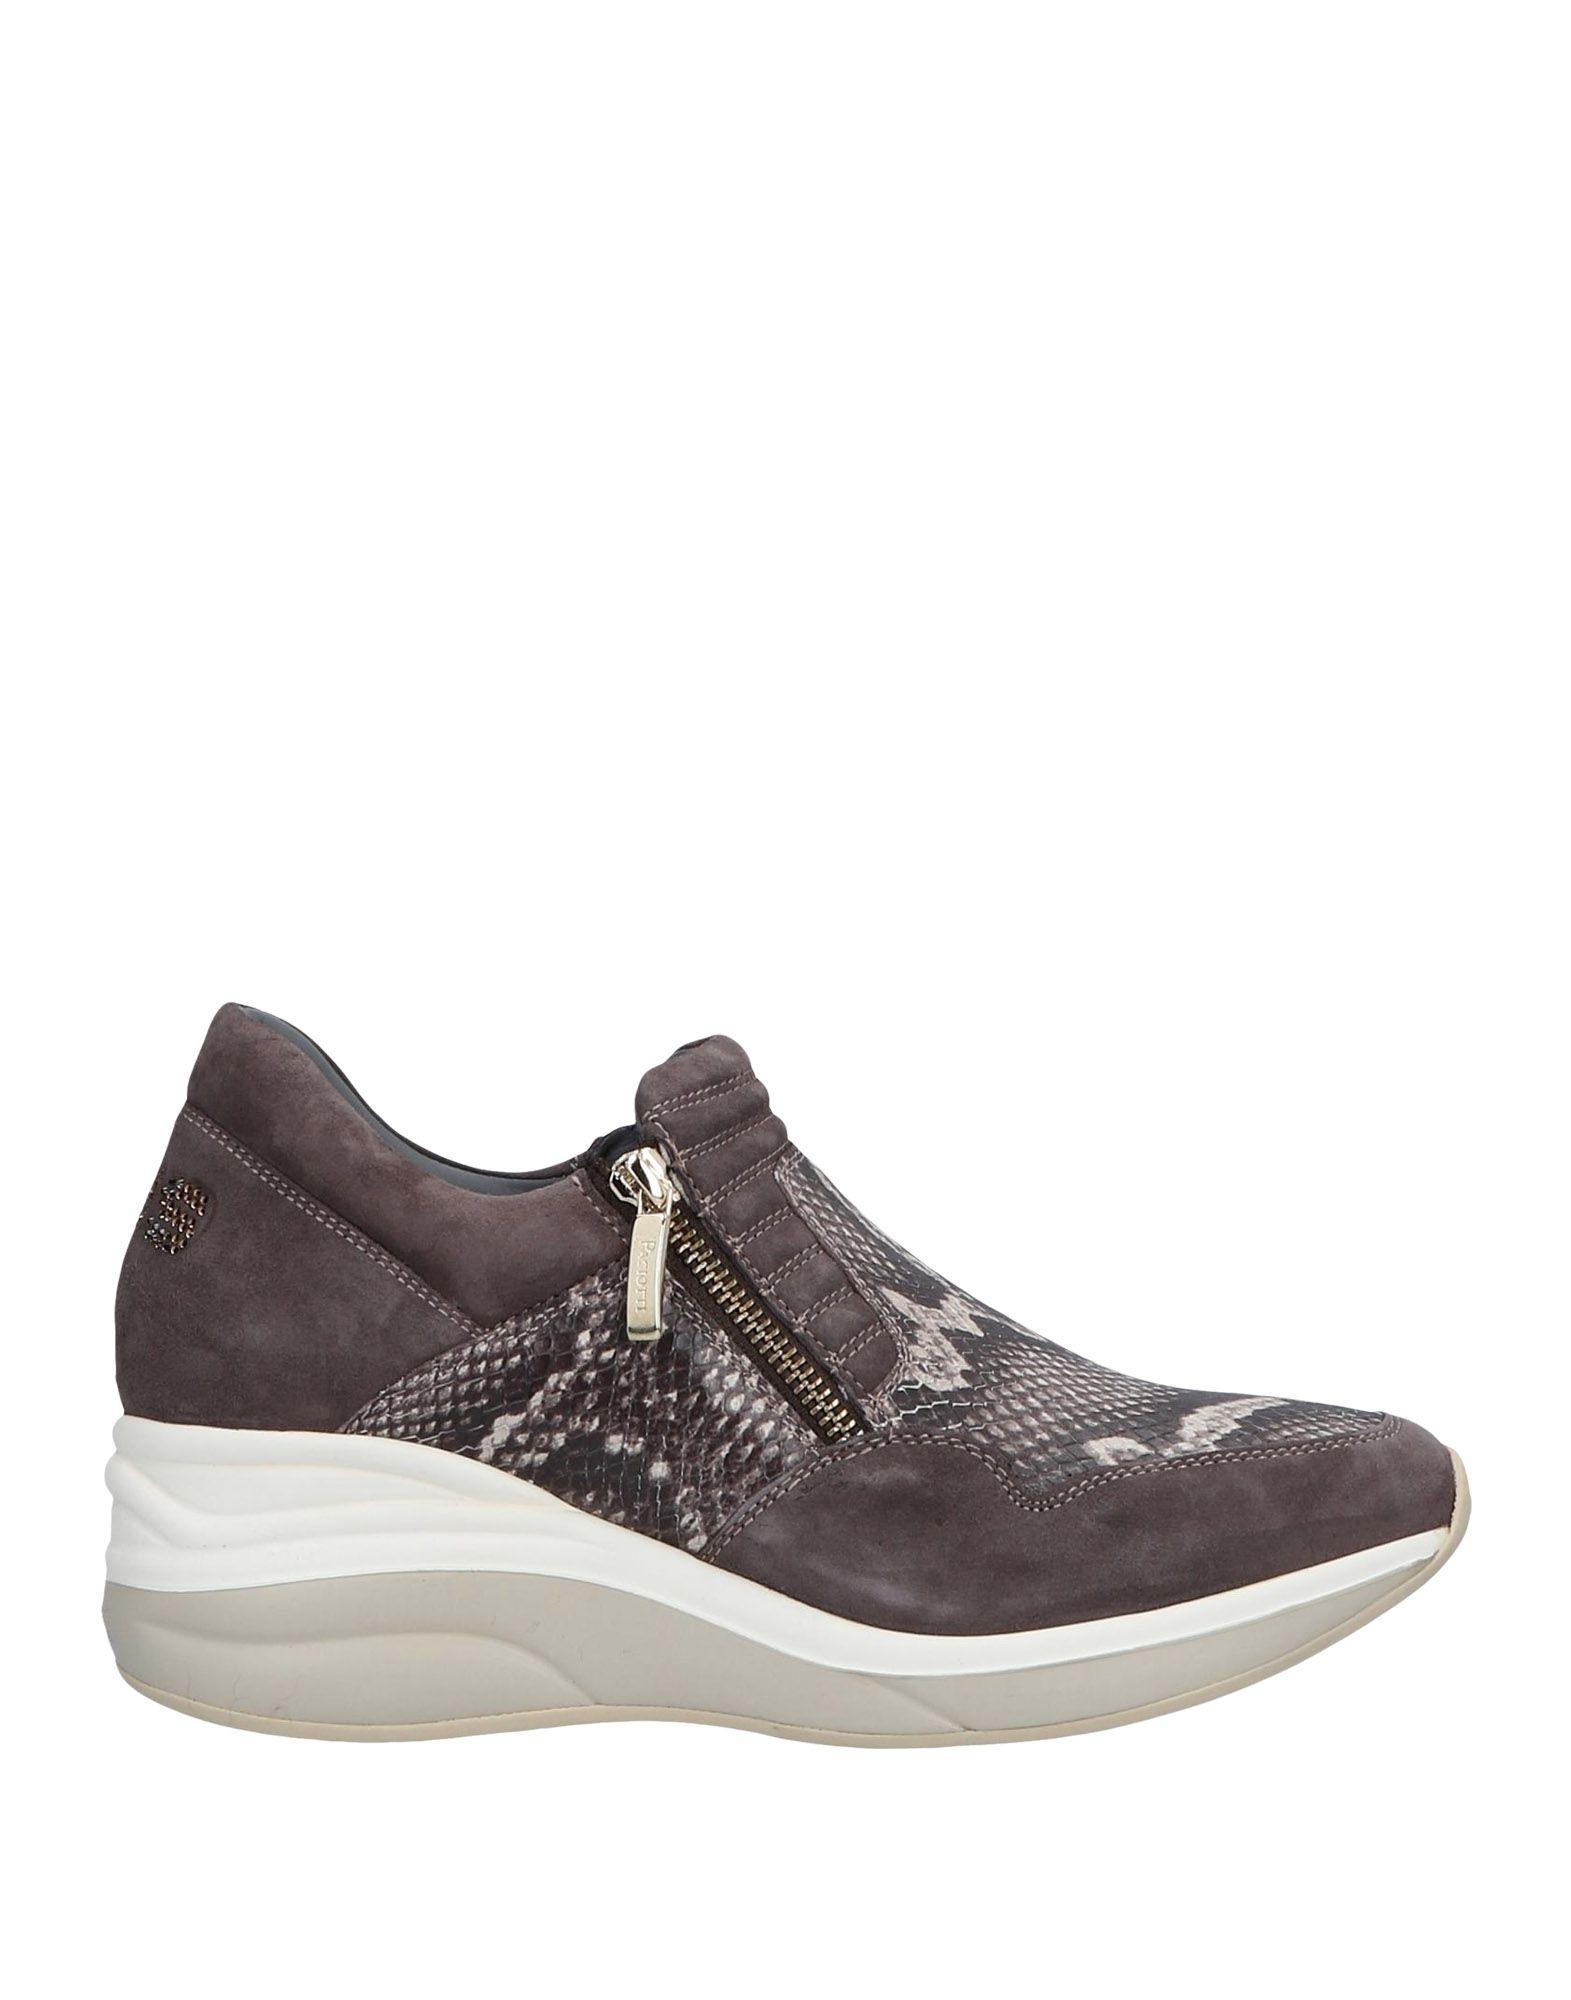 Sneakers Eleventy Uomo - 11356957VM Scarpe economiche e buone